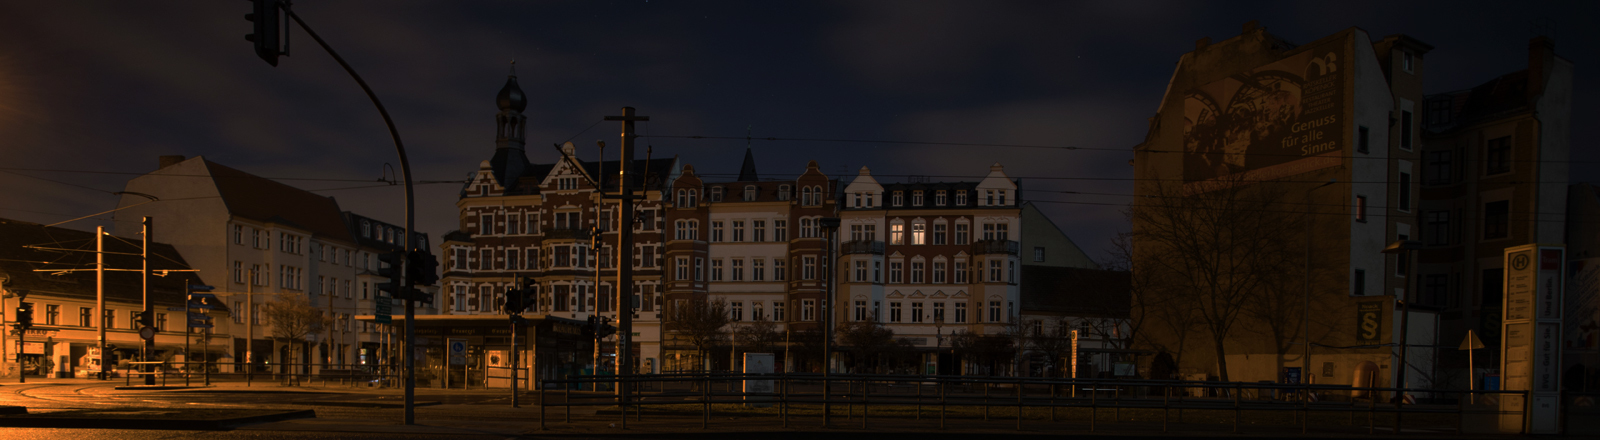 19.02.2019, Berlin: Wegen einem Stromausfall brennt kein elektrisches Licht in der Altstadt von Berlin-Köpenick.